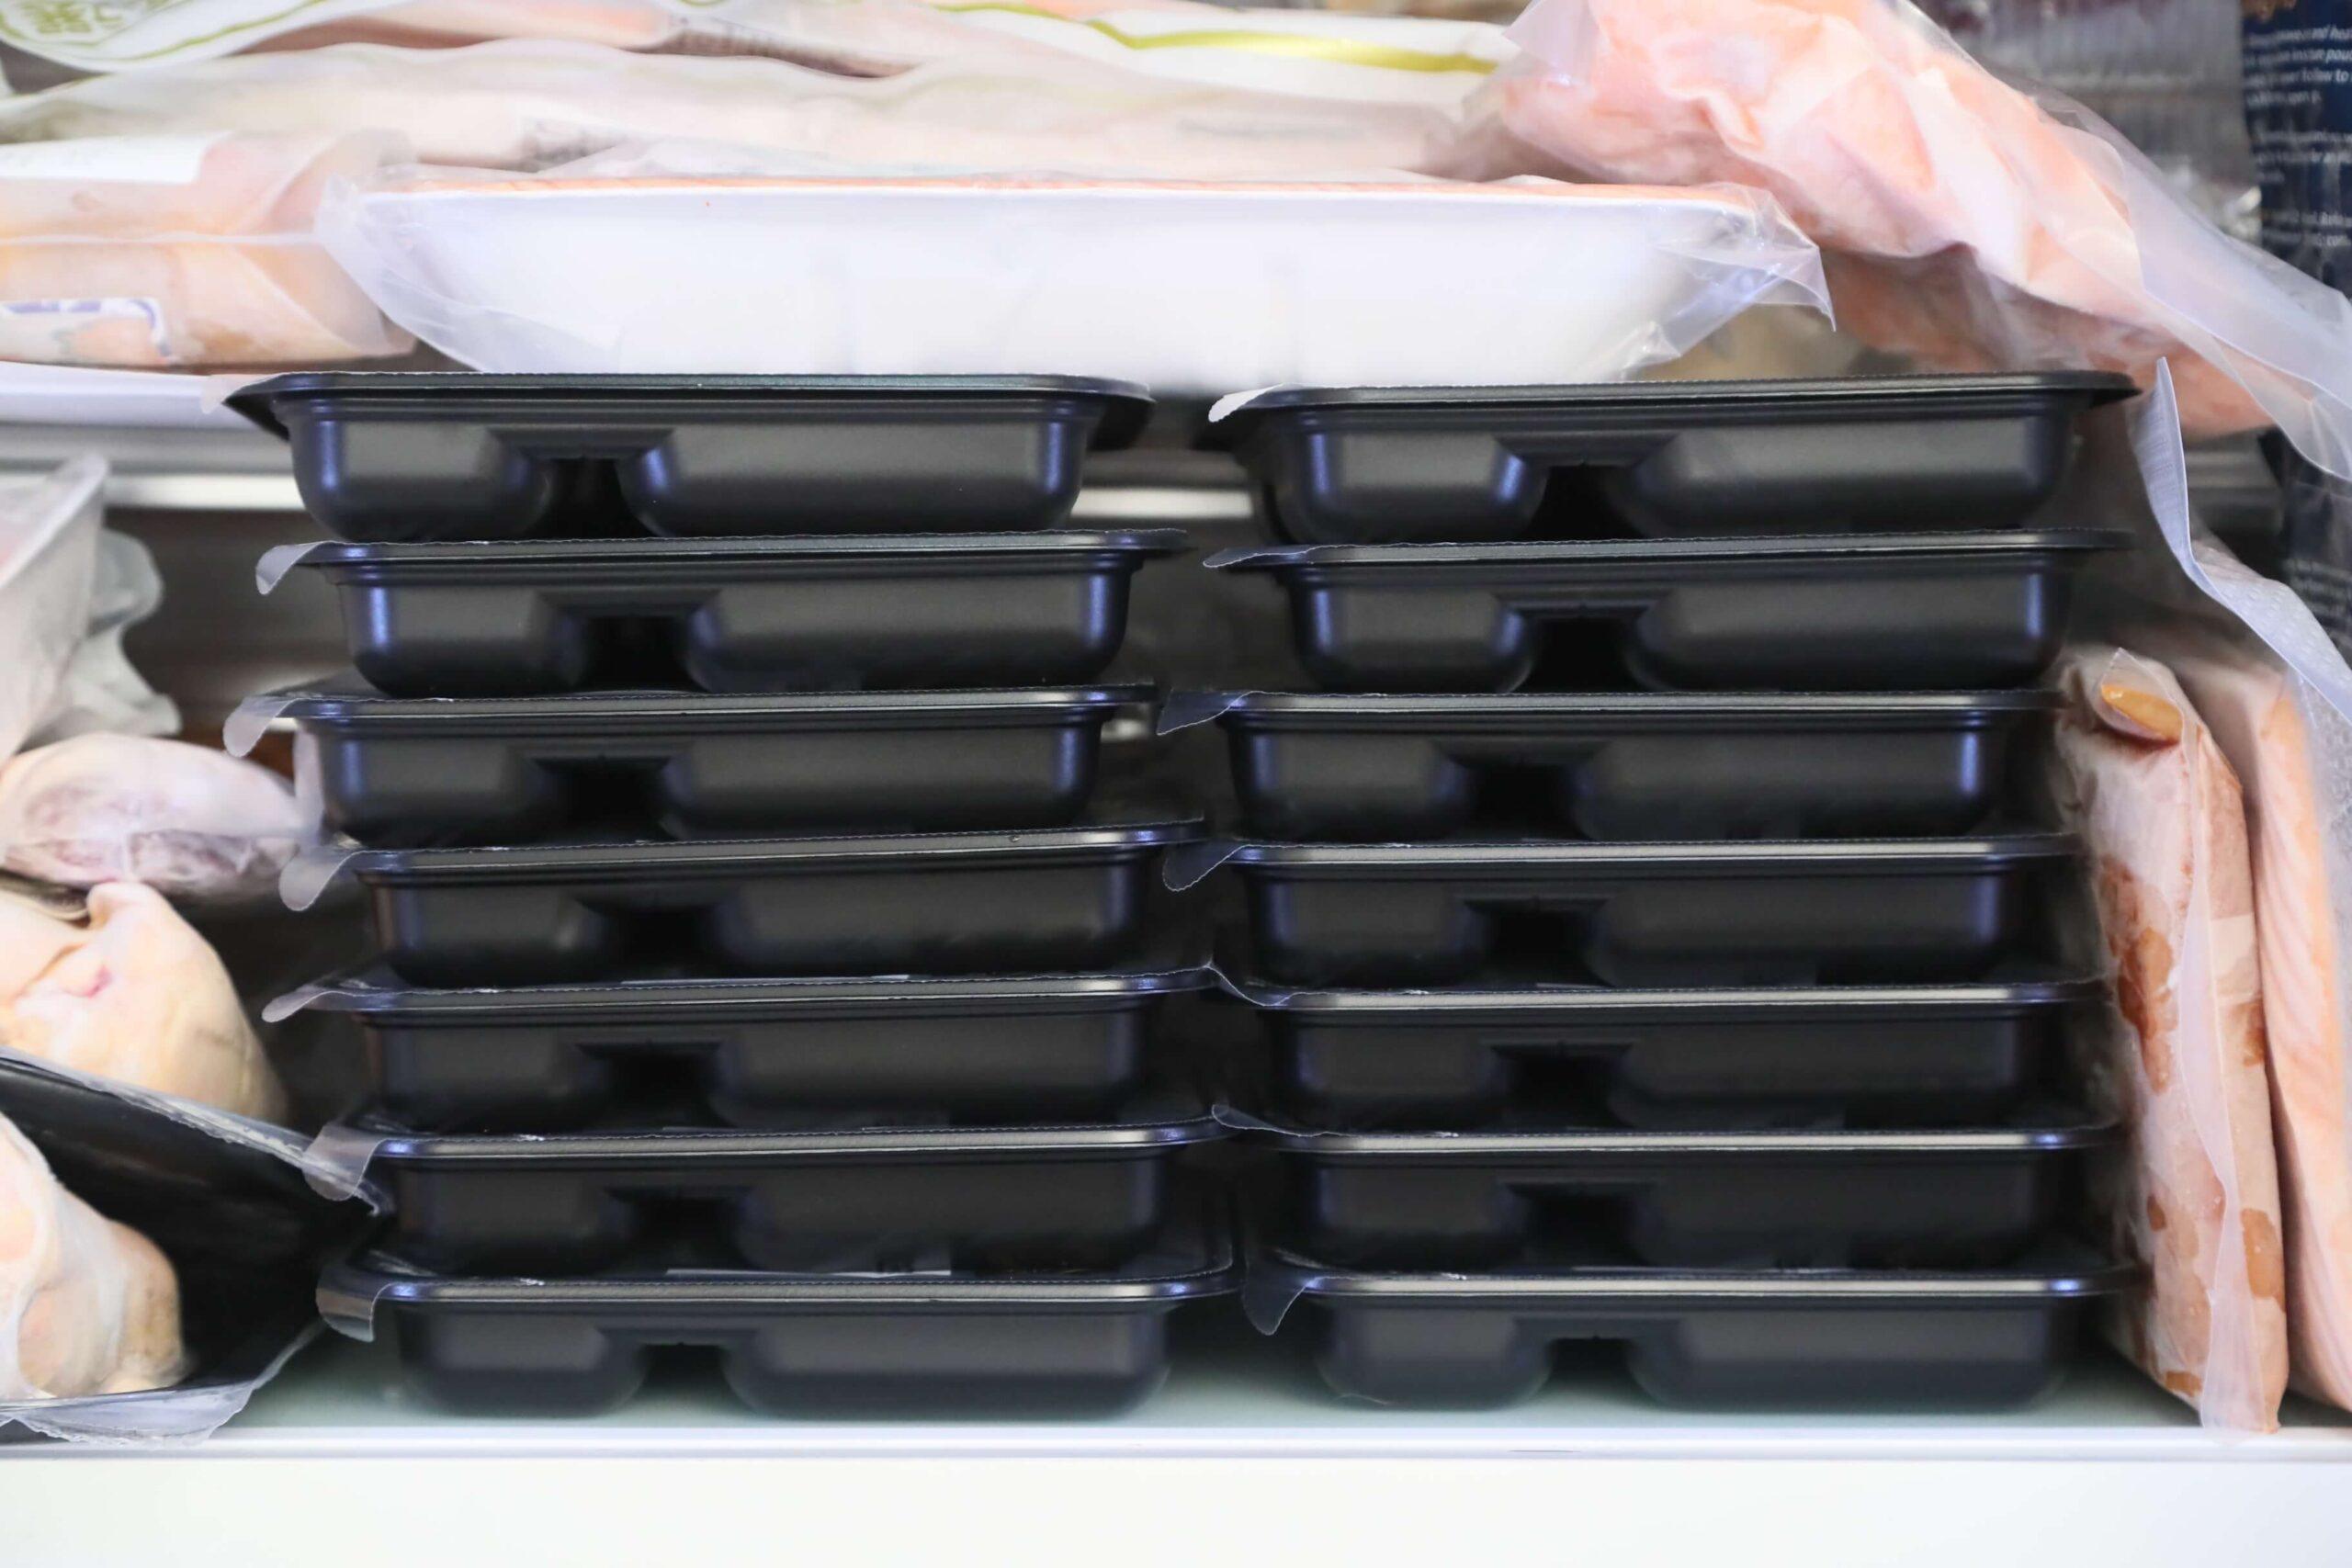 ライザップ(RIZAP)で食事制限してダイエットする際に使う宅食用ボディメイク冷凍弁当「サポートミール」(健康食品)14食分の厚みの写真